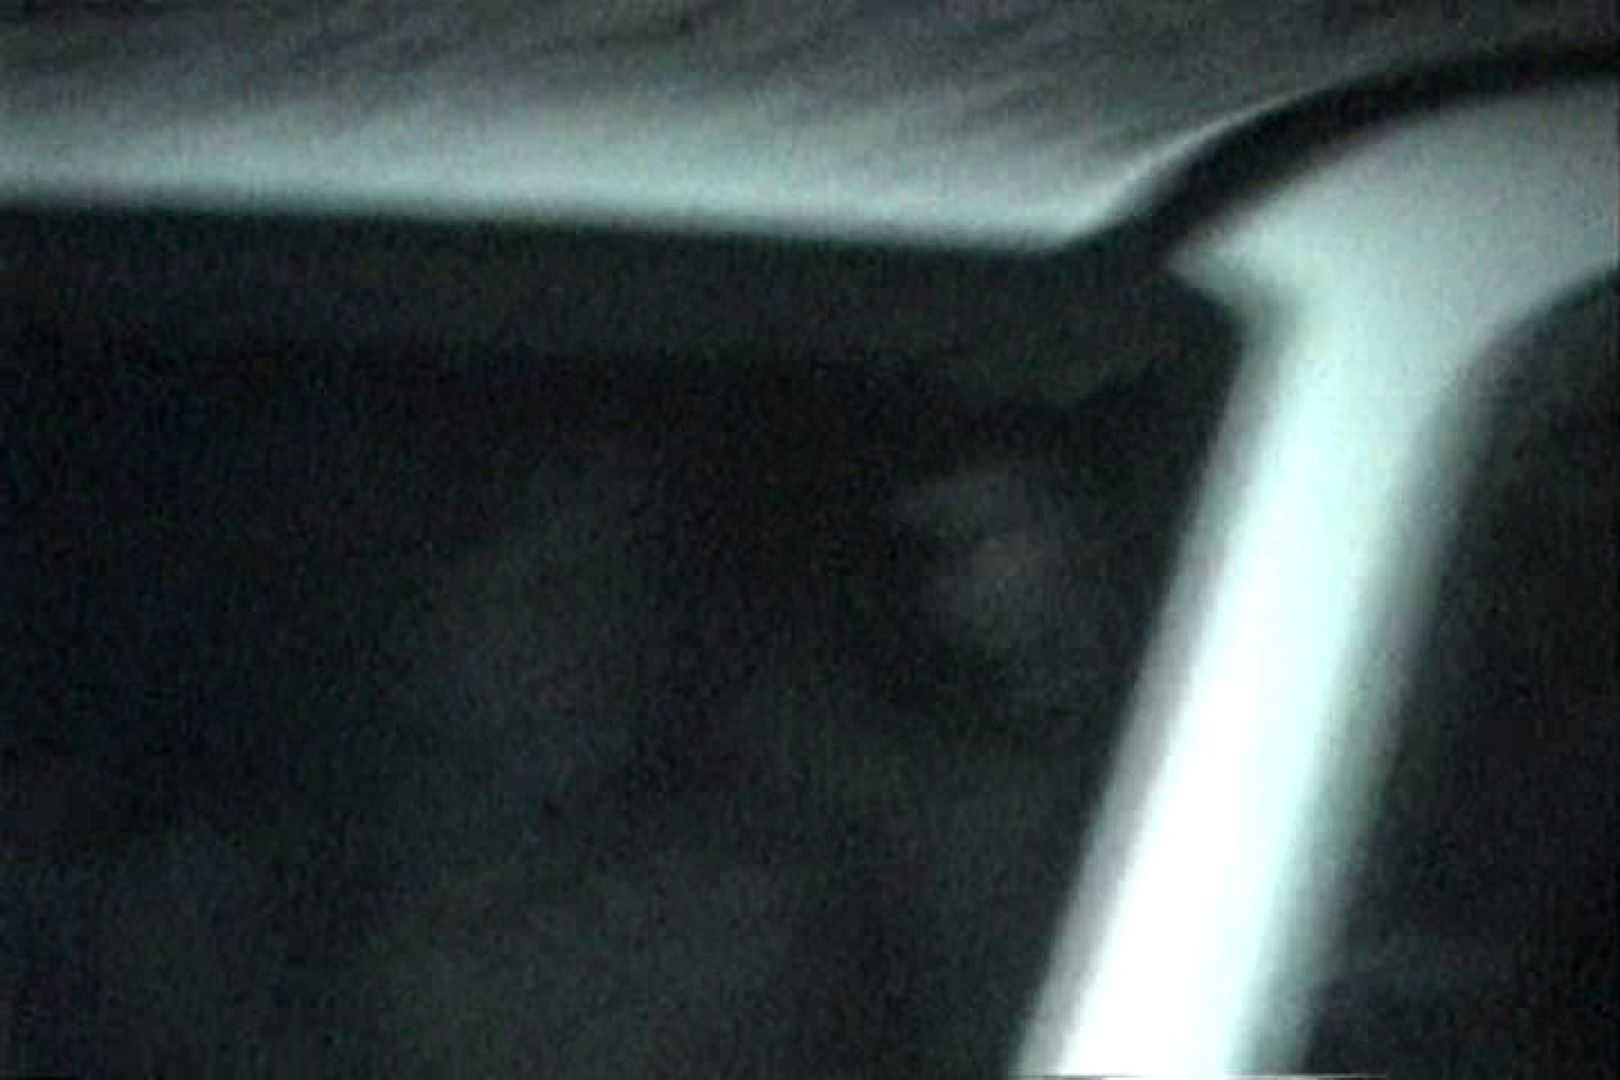 充血監督の深夜の運動会Vol.139 OL女体 覗きおまんこ画像 87連発 67